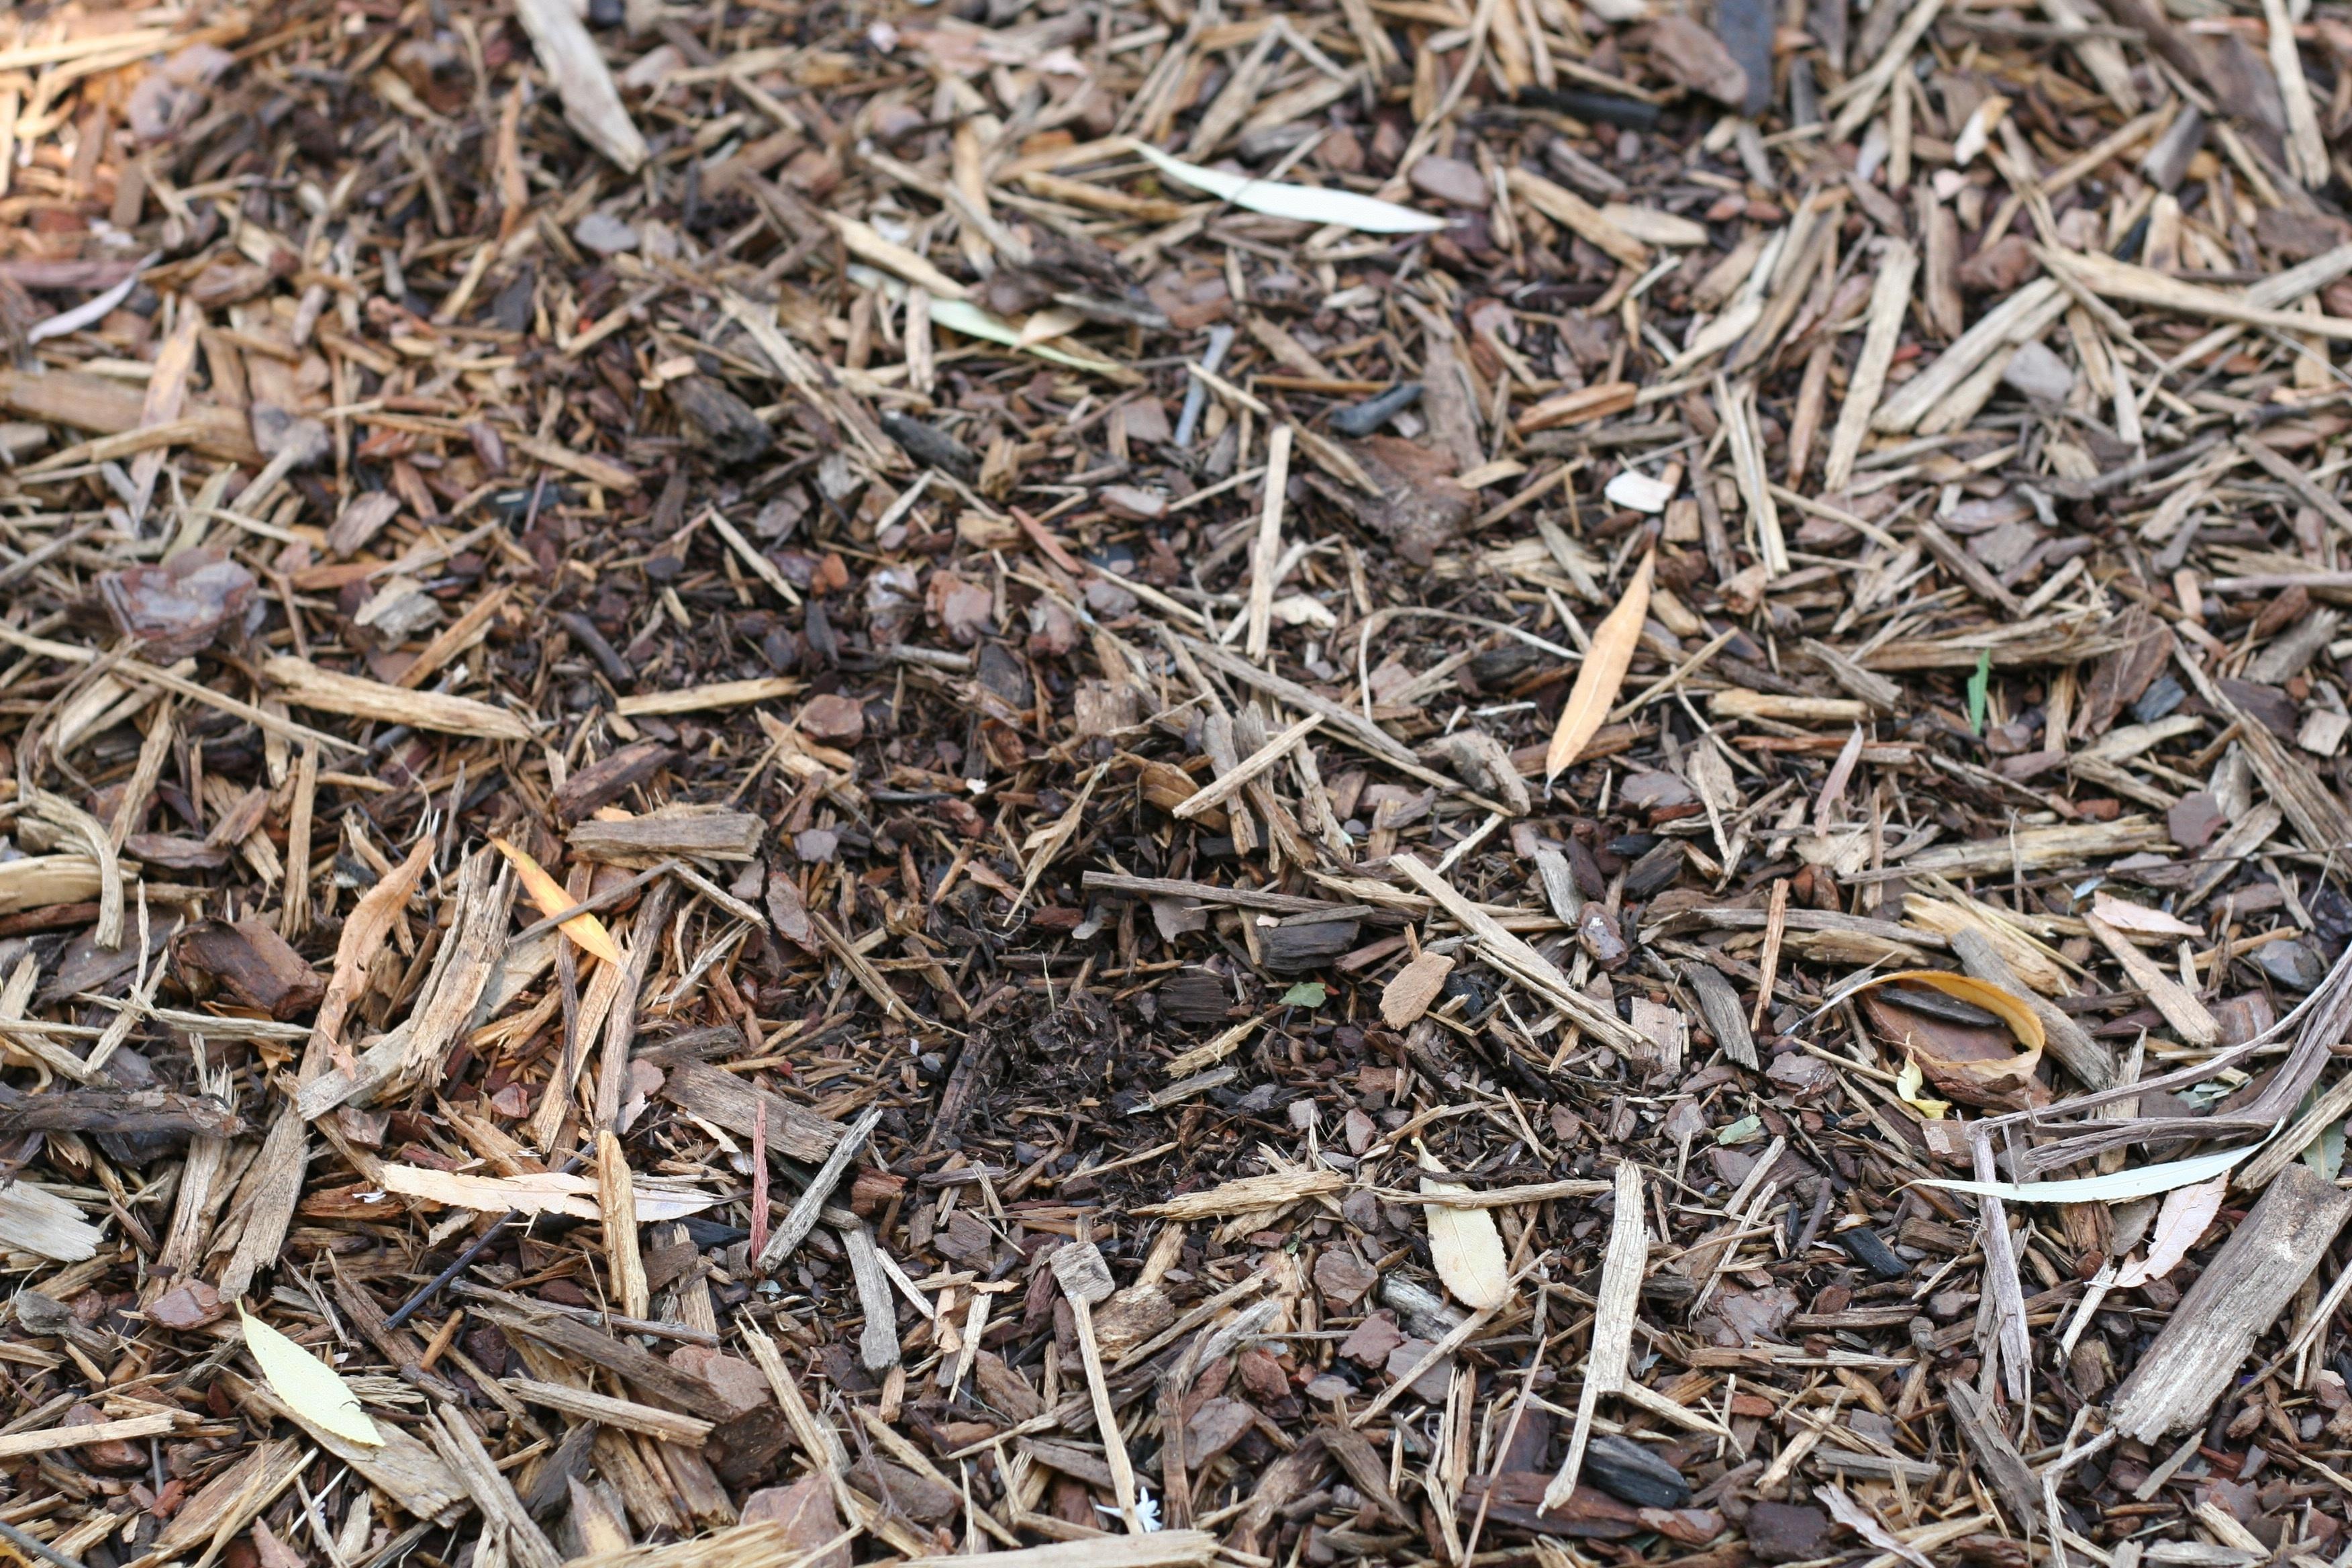 Мульчирование соломой клубники, чеснока, картофеля и других культур: как использовать такую мульчу осенью, где ее взять, плюсы и минусы, процесс нарезки